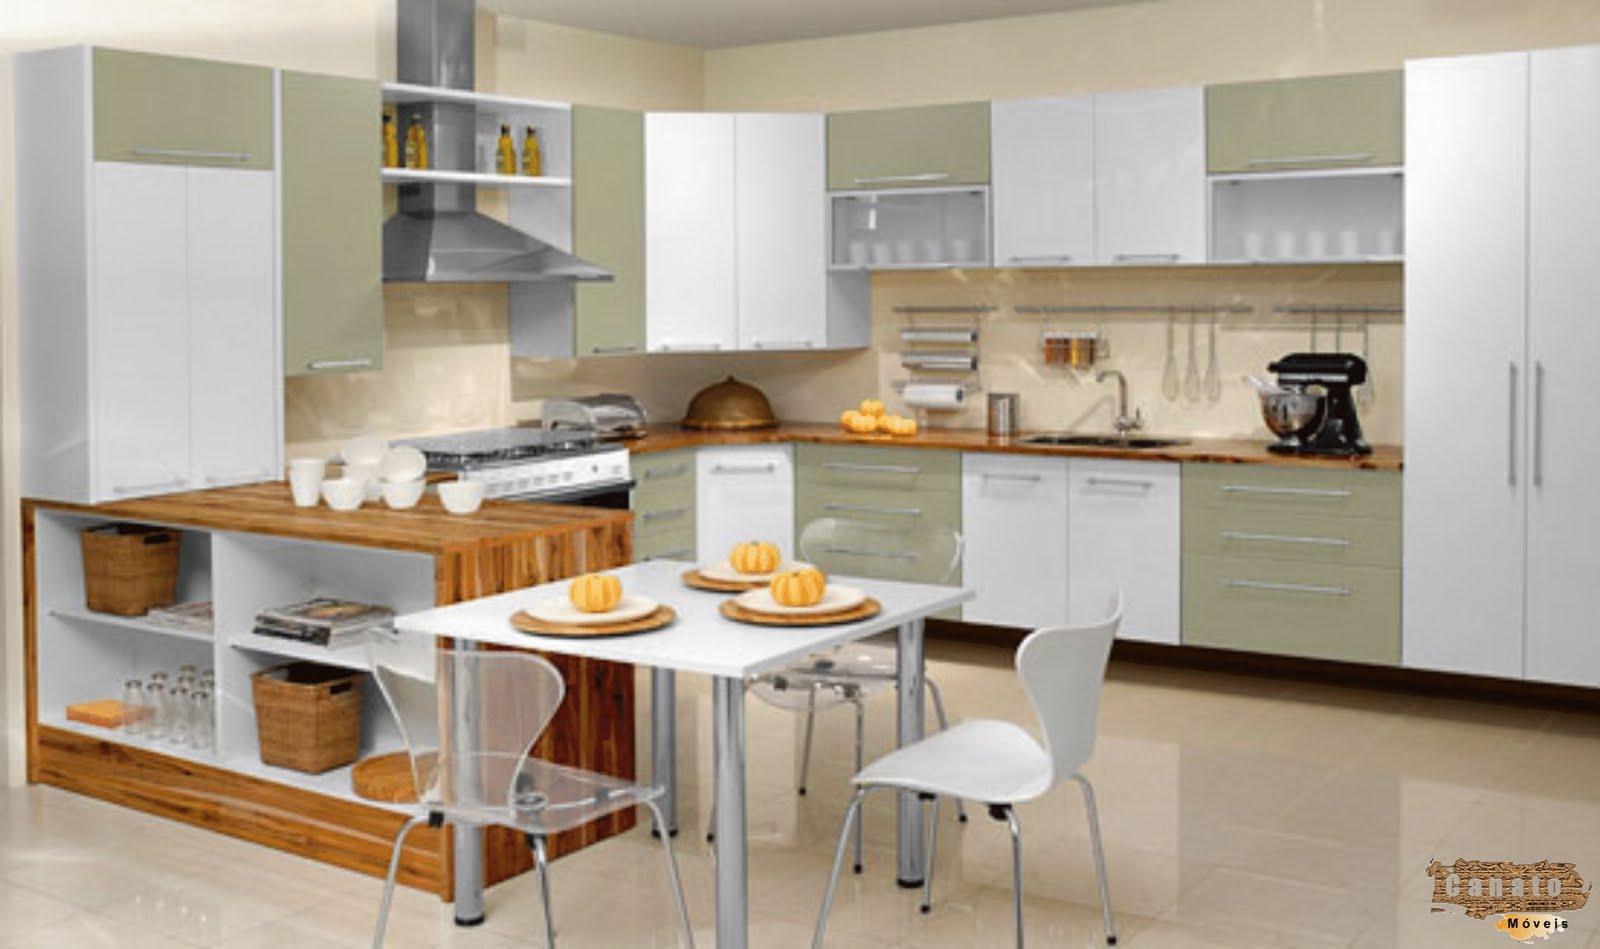 Cozinhas Planejadas Pequenas Fotos De Decora&231&227o Casas #BE7B0D 1600 949